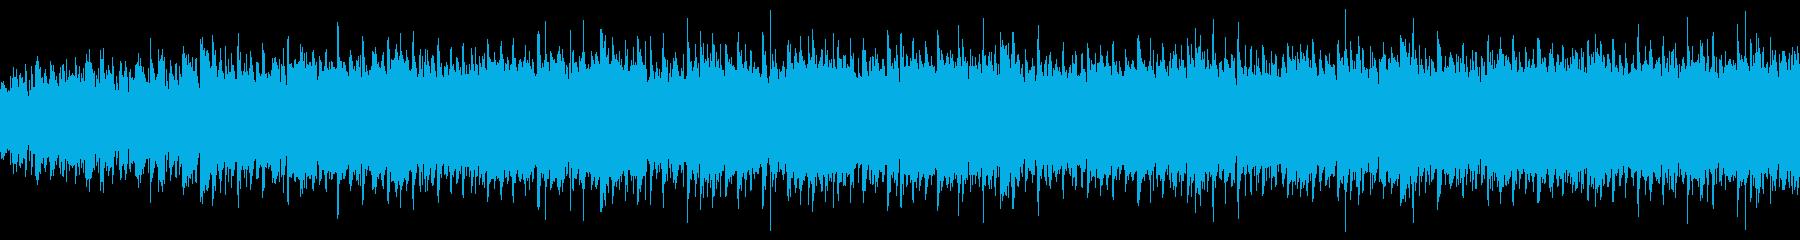 パワフルなYoutube映像用のブルースの再生済みの波形